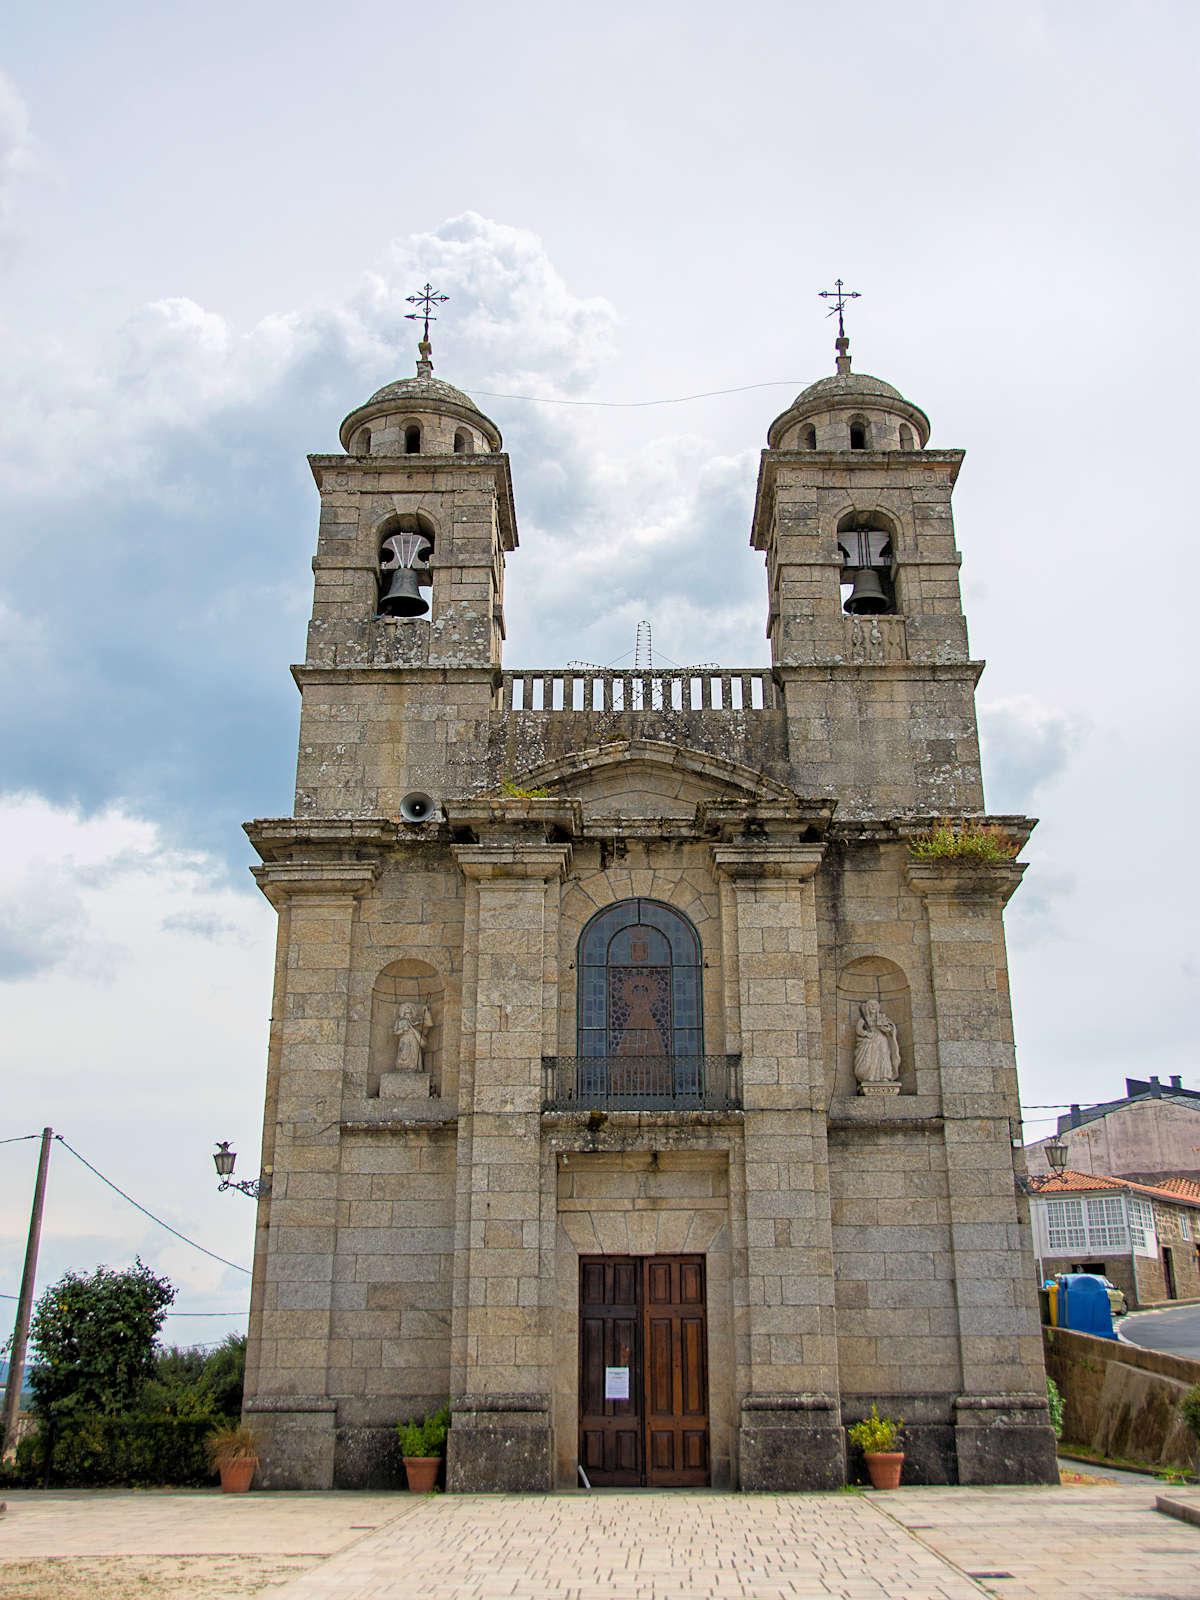 Santuario-de-Nuestra-Señora-de-los-Remedios-Pueblos-de-Orense